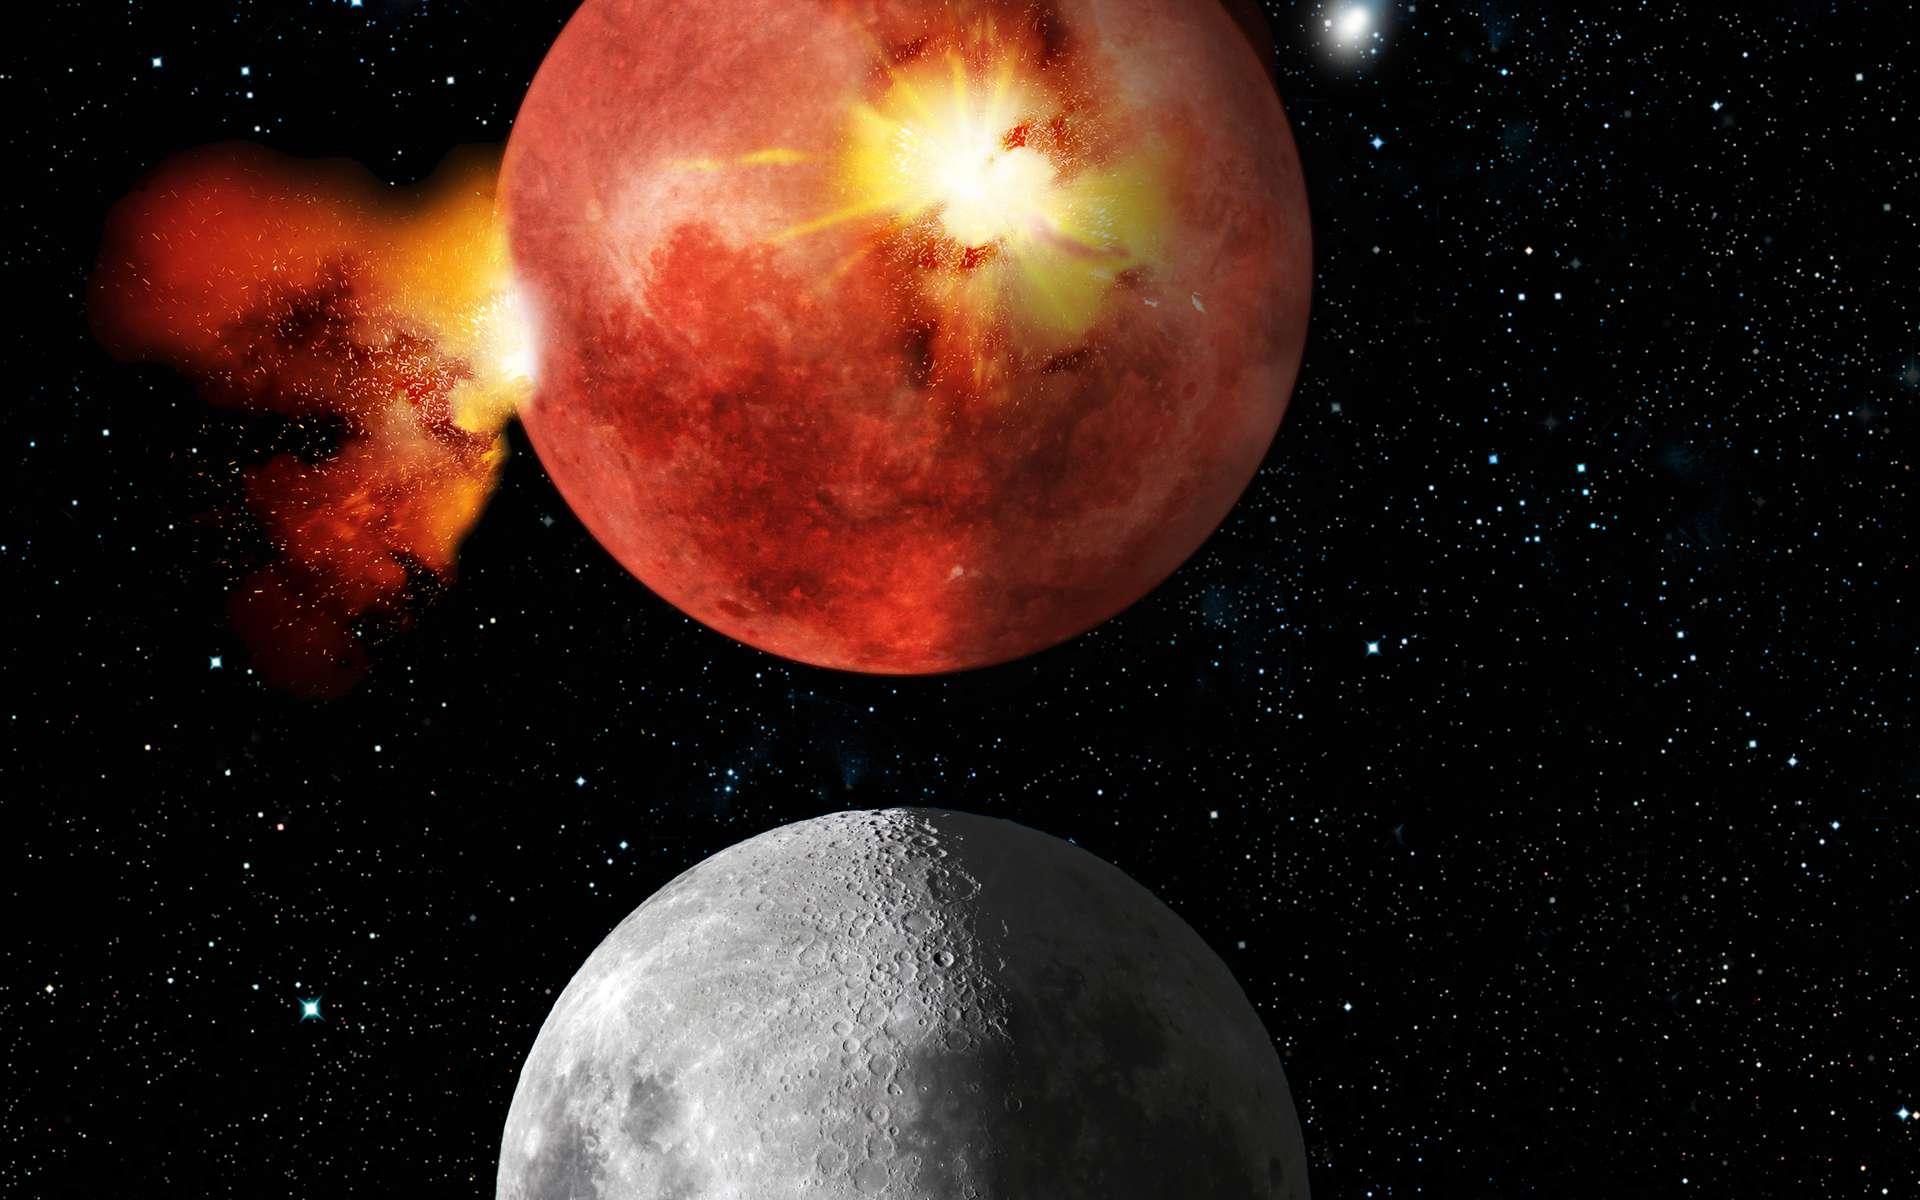 Le modèle de Nice explique le Grand Bombardement tardif, à l'origine de l'aspect actuel de la Lune avec ses mers ; que l'on voit ici en vision d'artiste. © Tim Wetherell-Australian National University